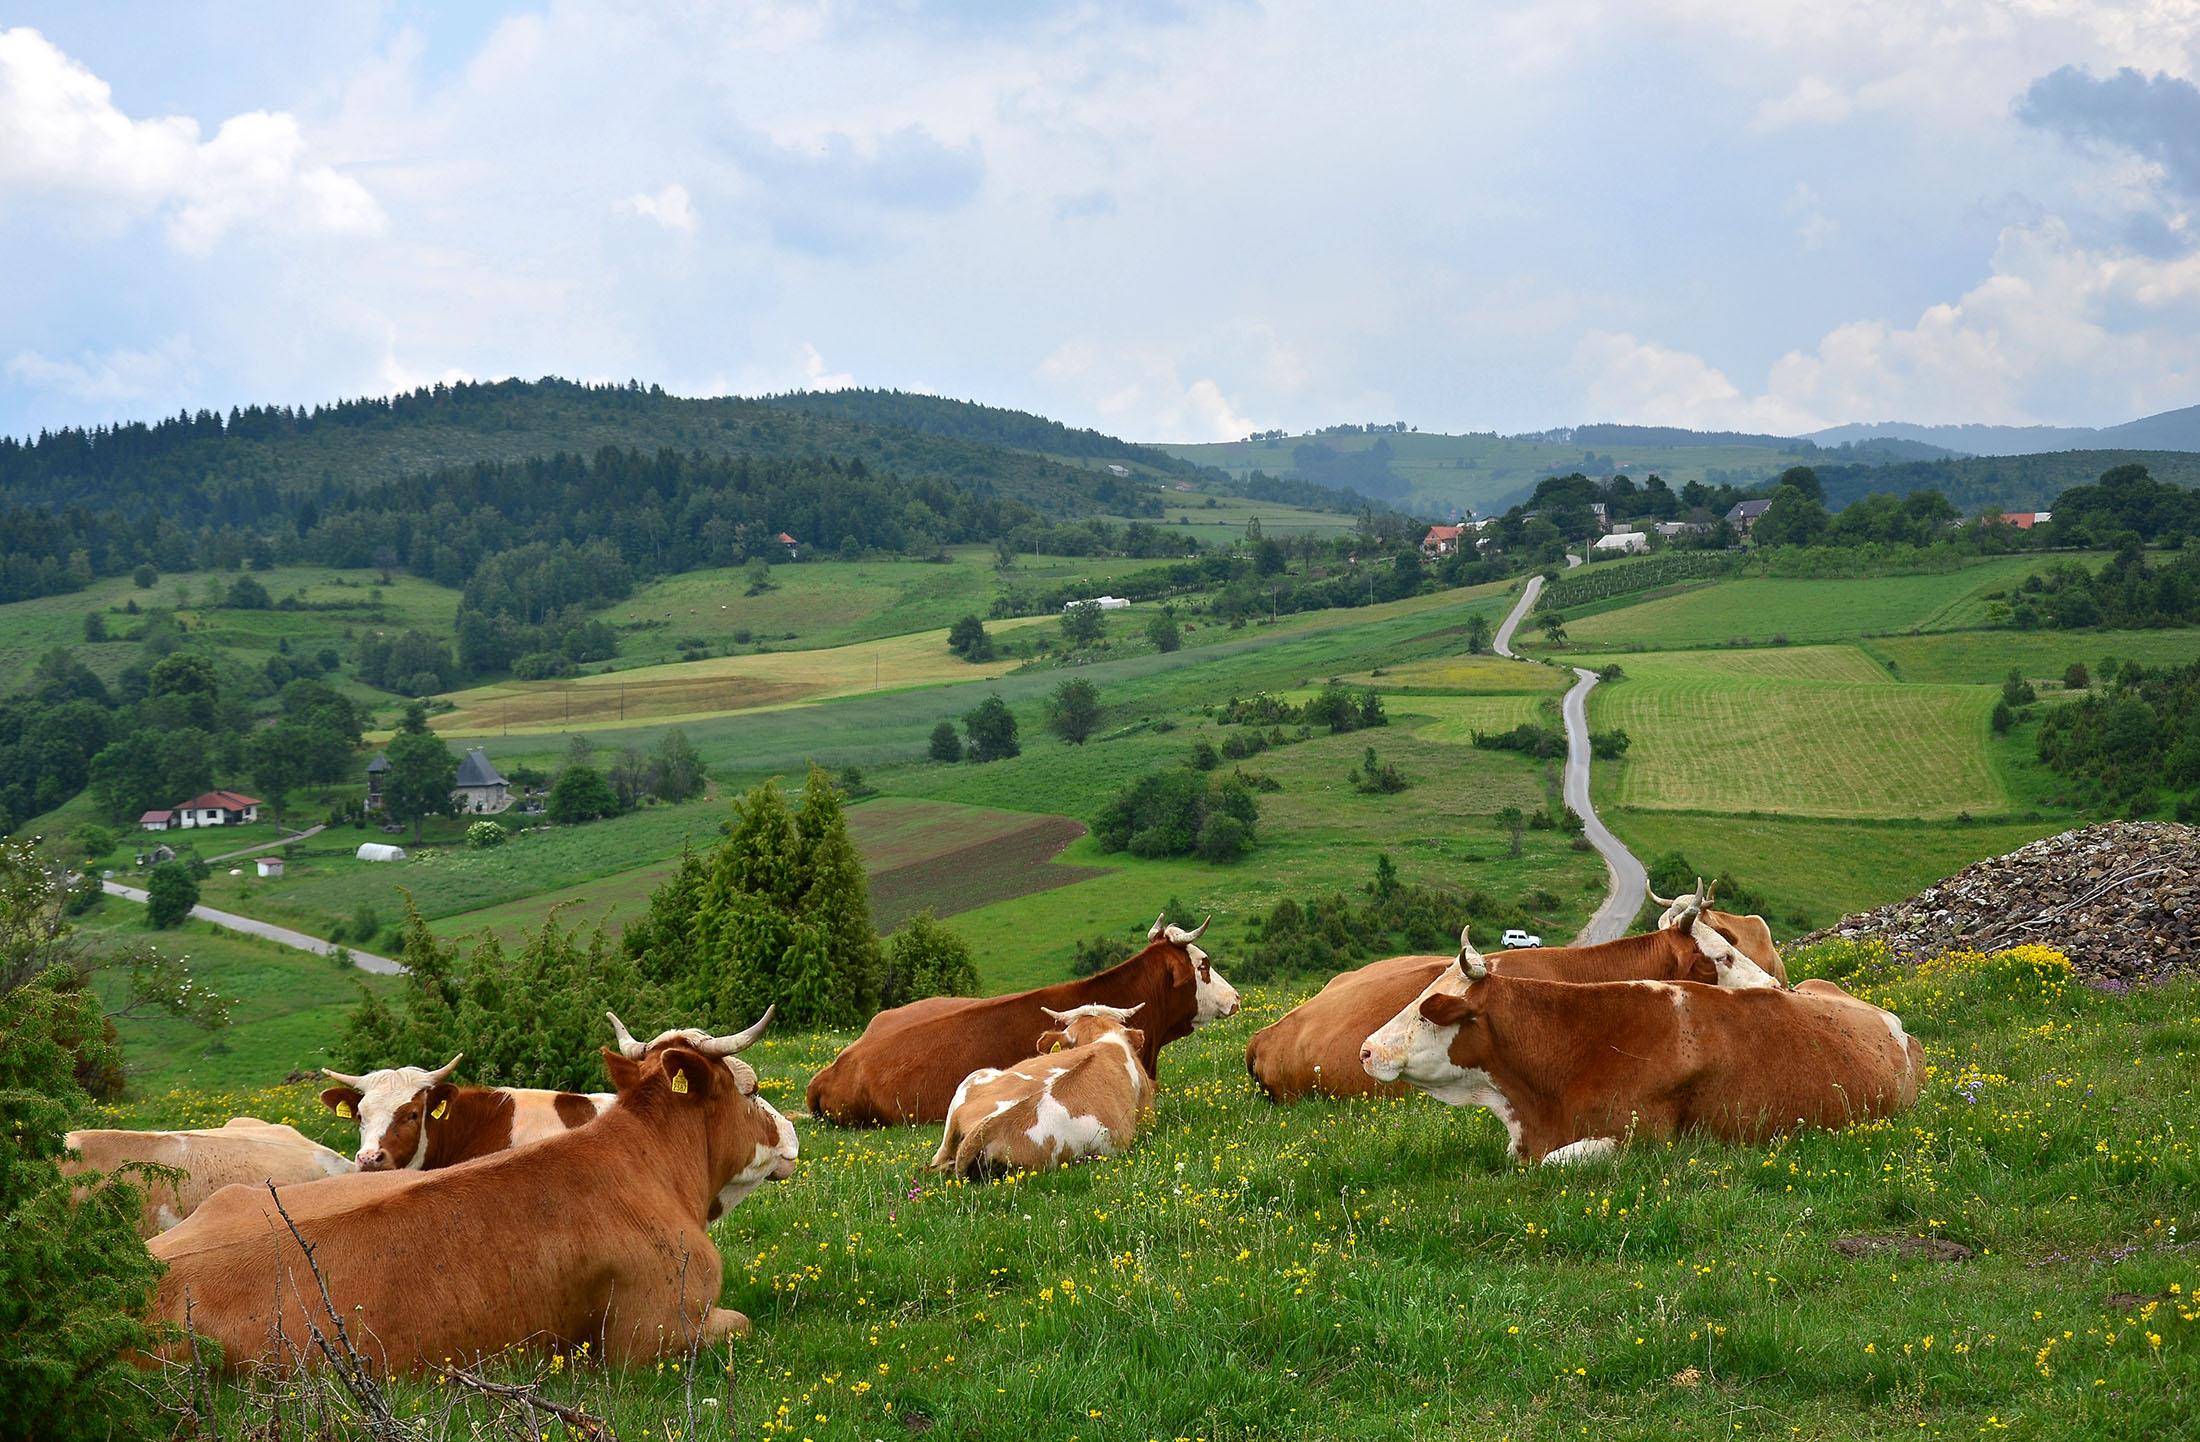 Stado krava se odmara - Lepote planine Zlatar